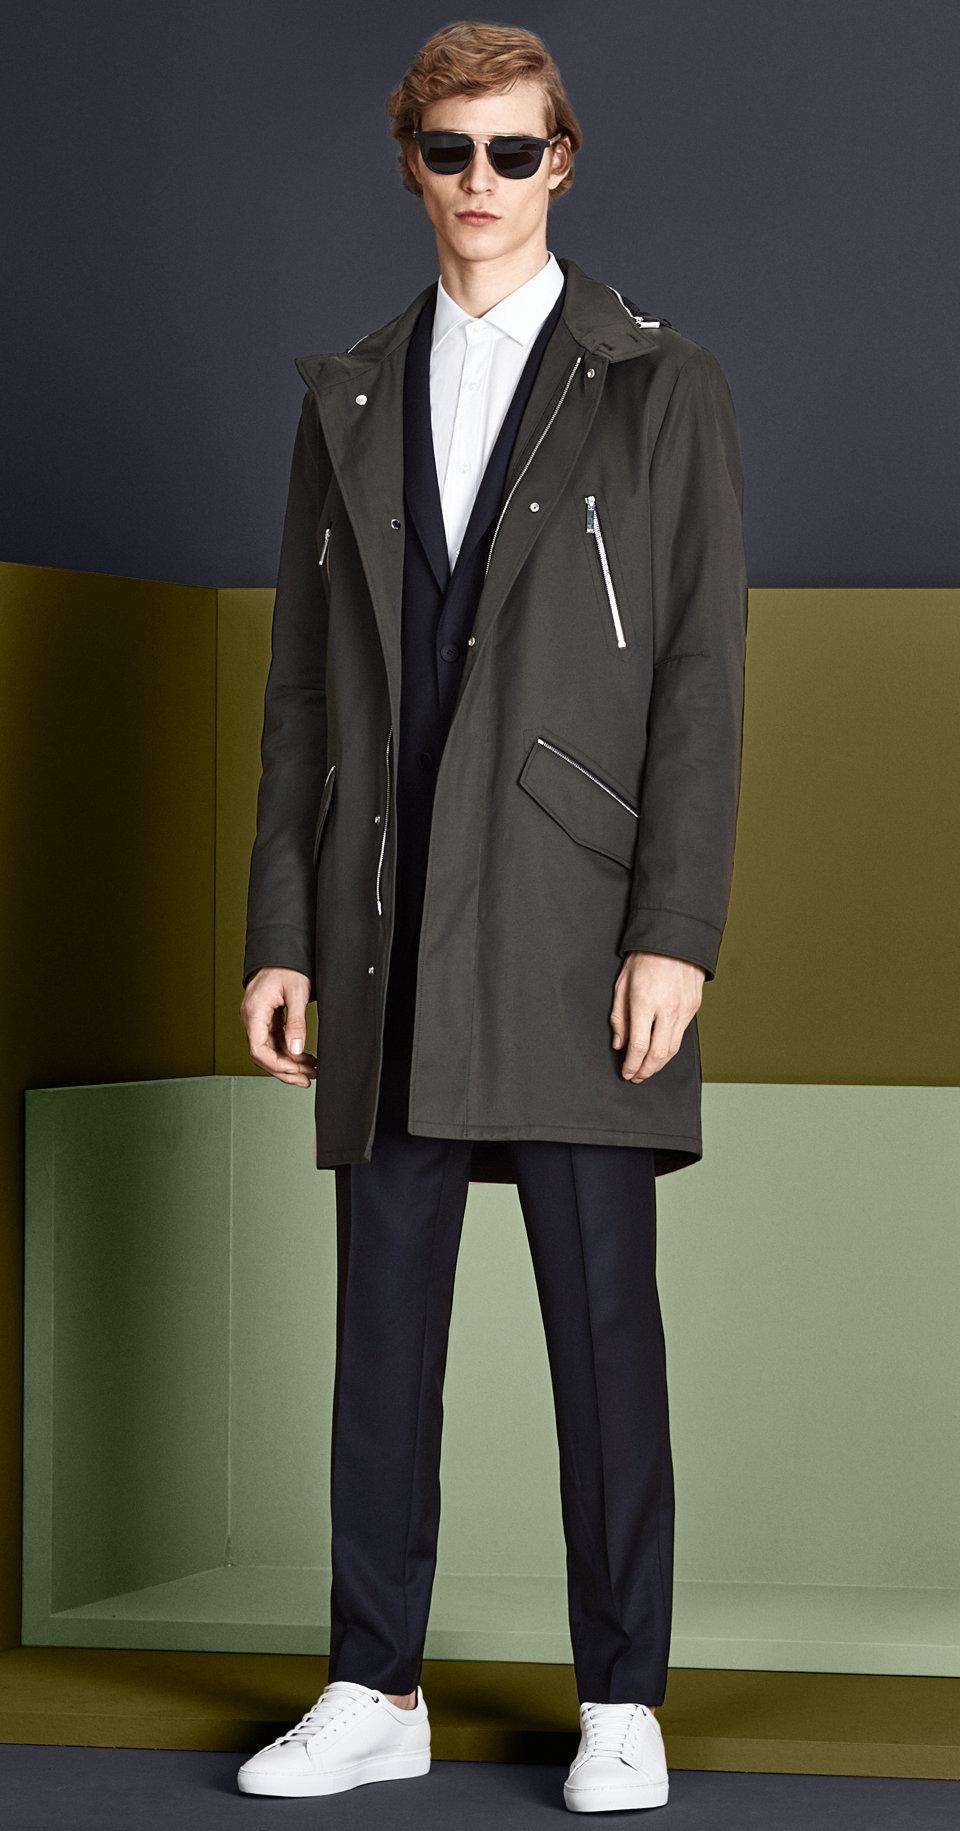 Khakifarbener Mantel, marineblauer Anzug, weißes Hemd, Sonnenbrille, dunkelblauer Gürtel und weiße Schuhe von BOSS